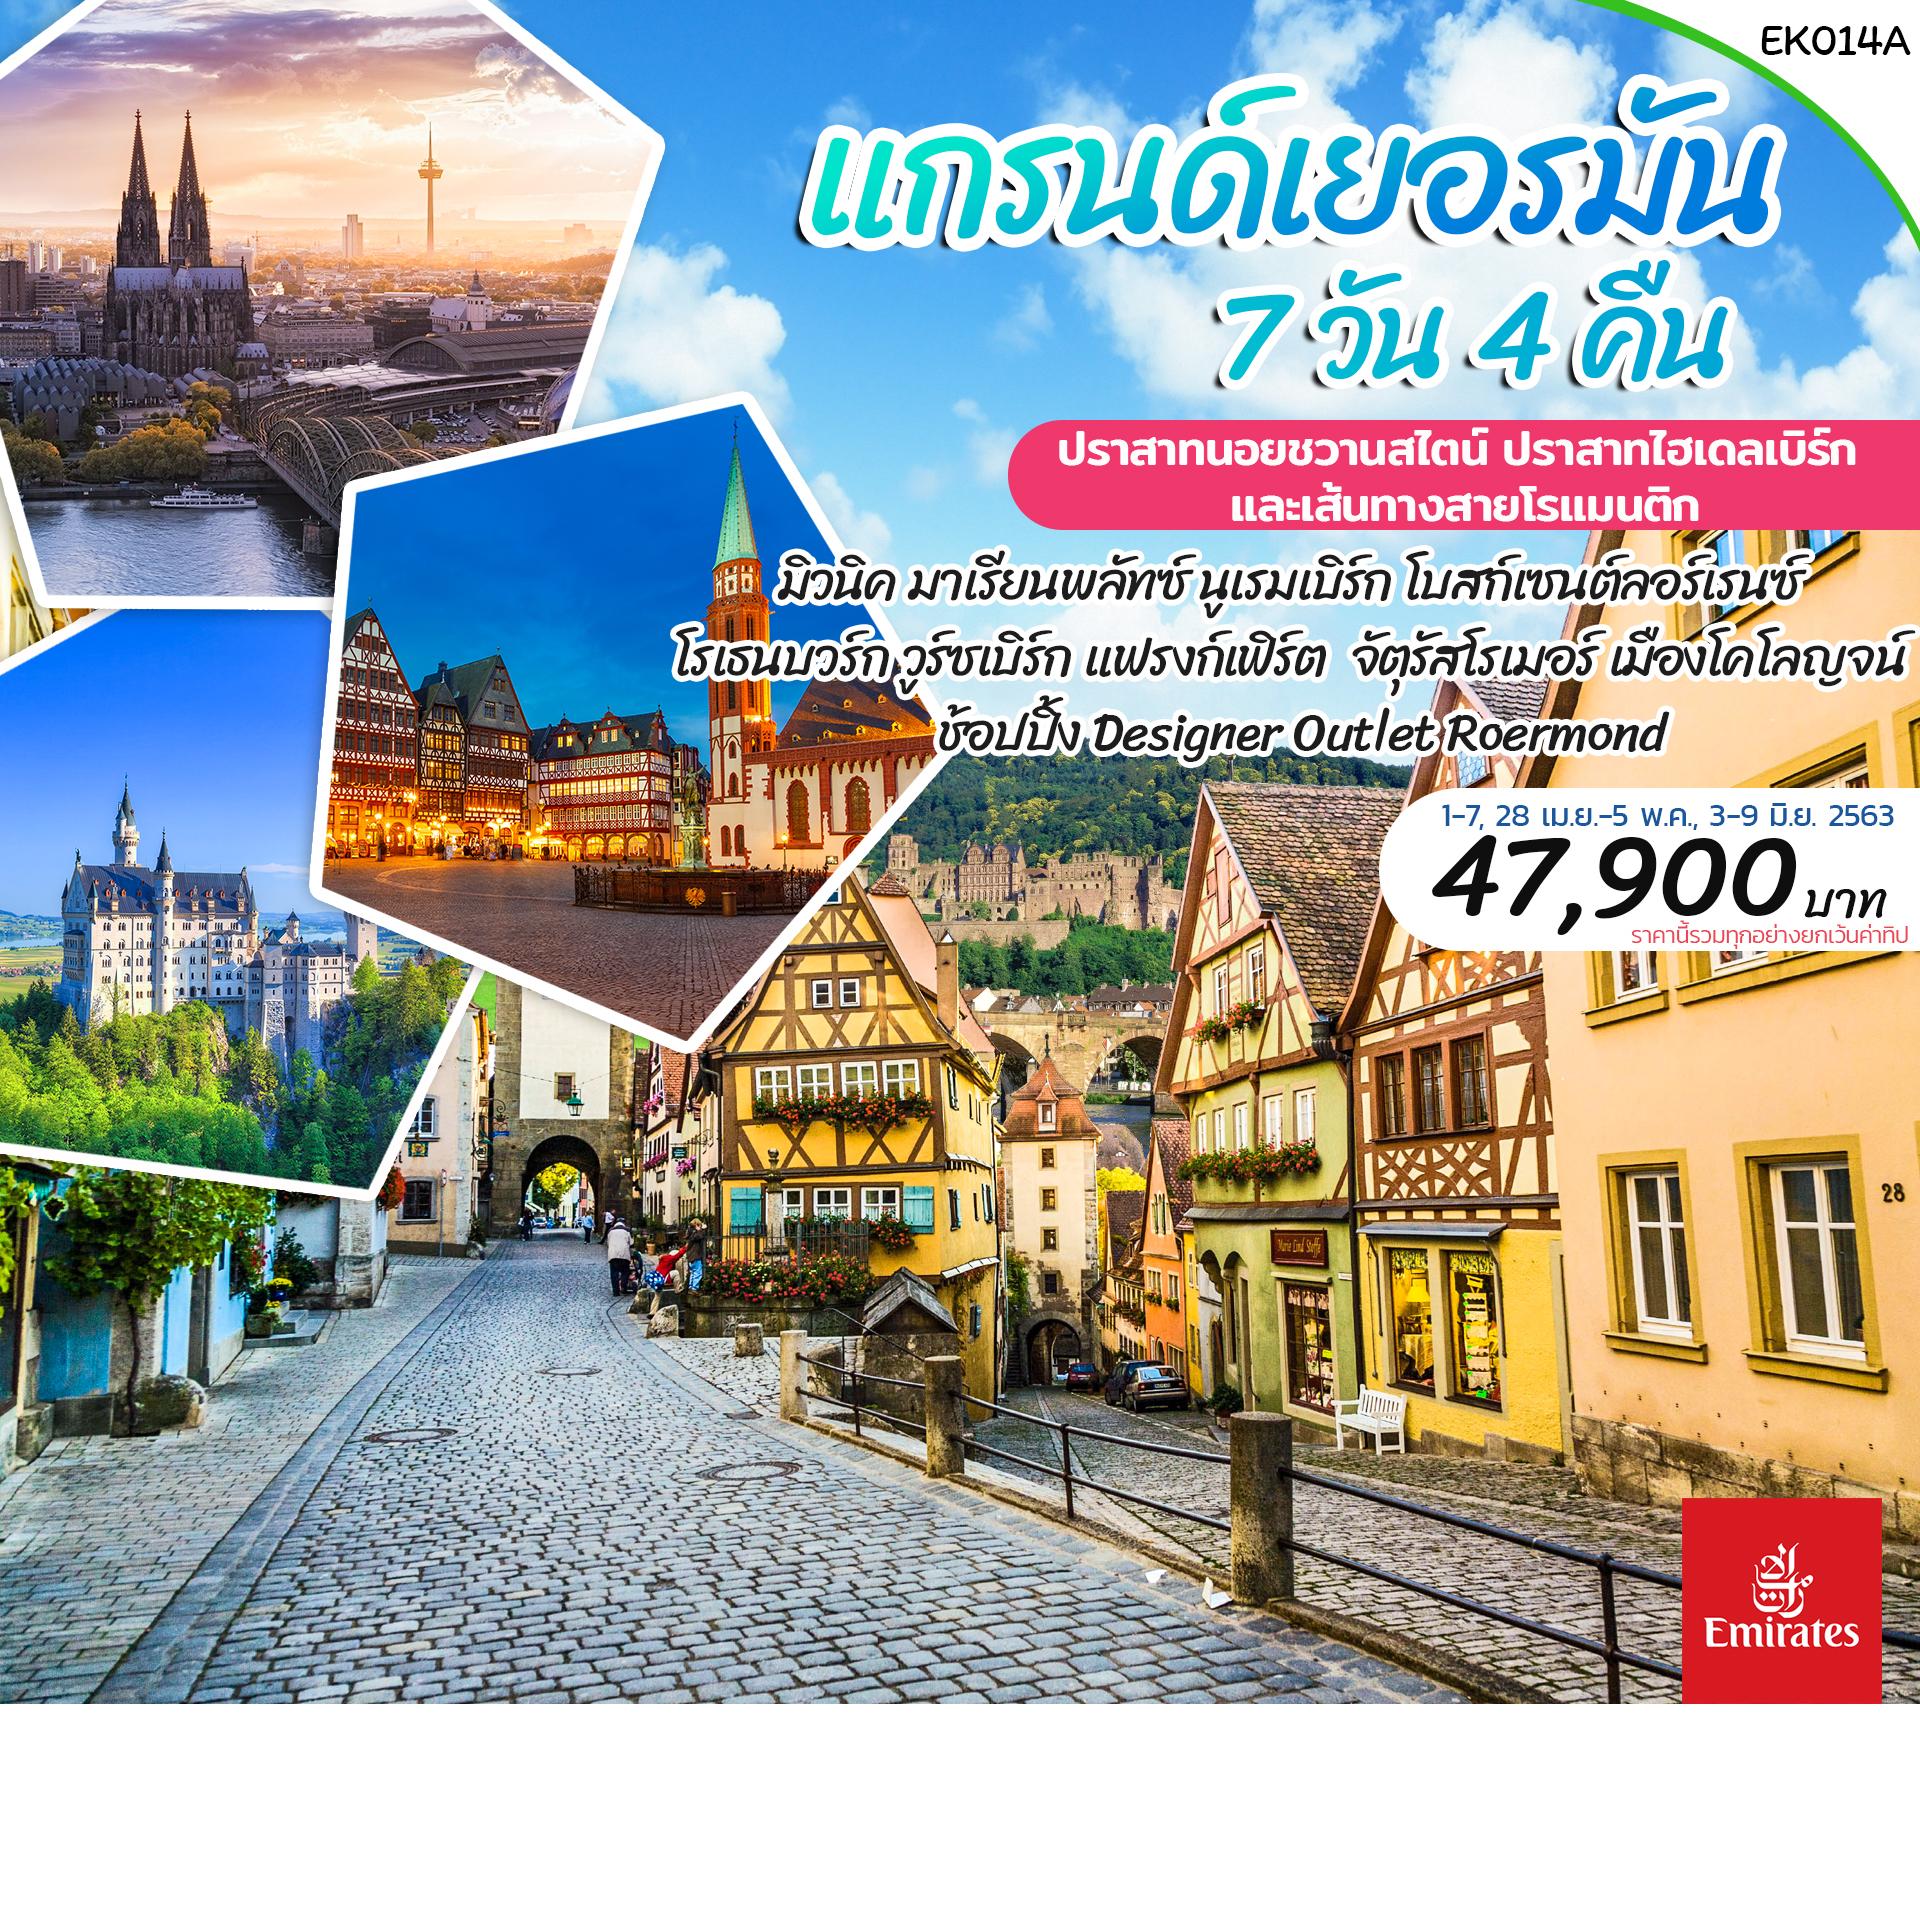 ทัวร์ยุโรป-Grand-Germany-7-วัน4คืน(APR-JUN'20)-(EK014A)